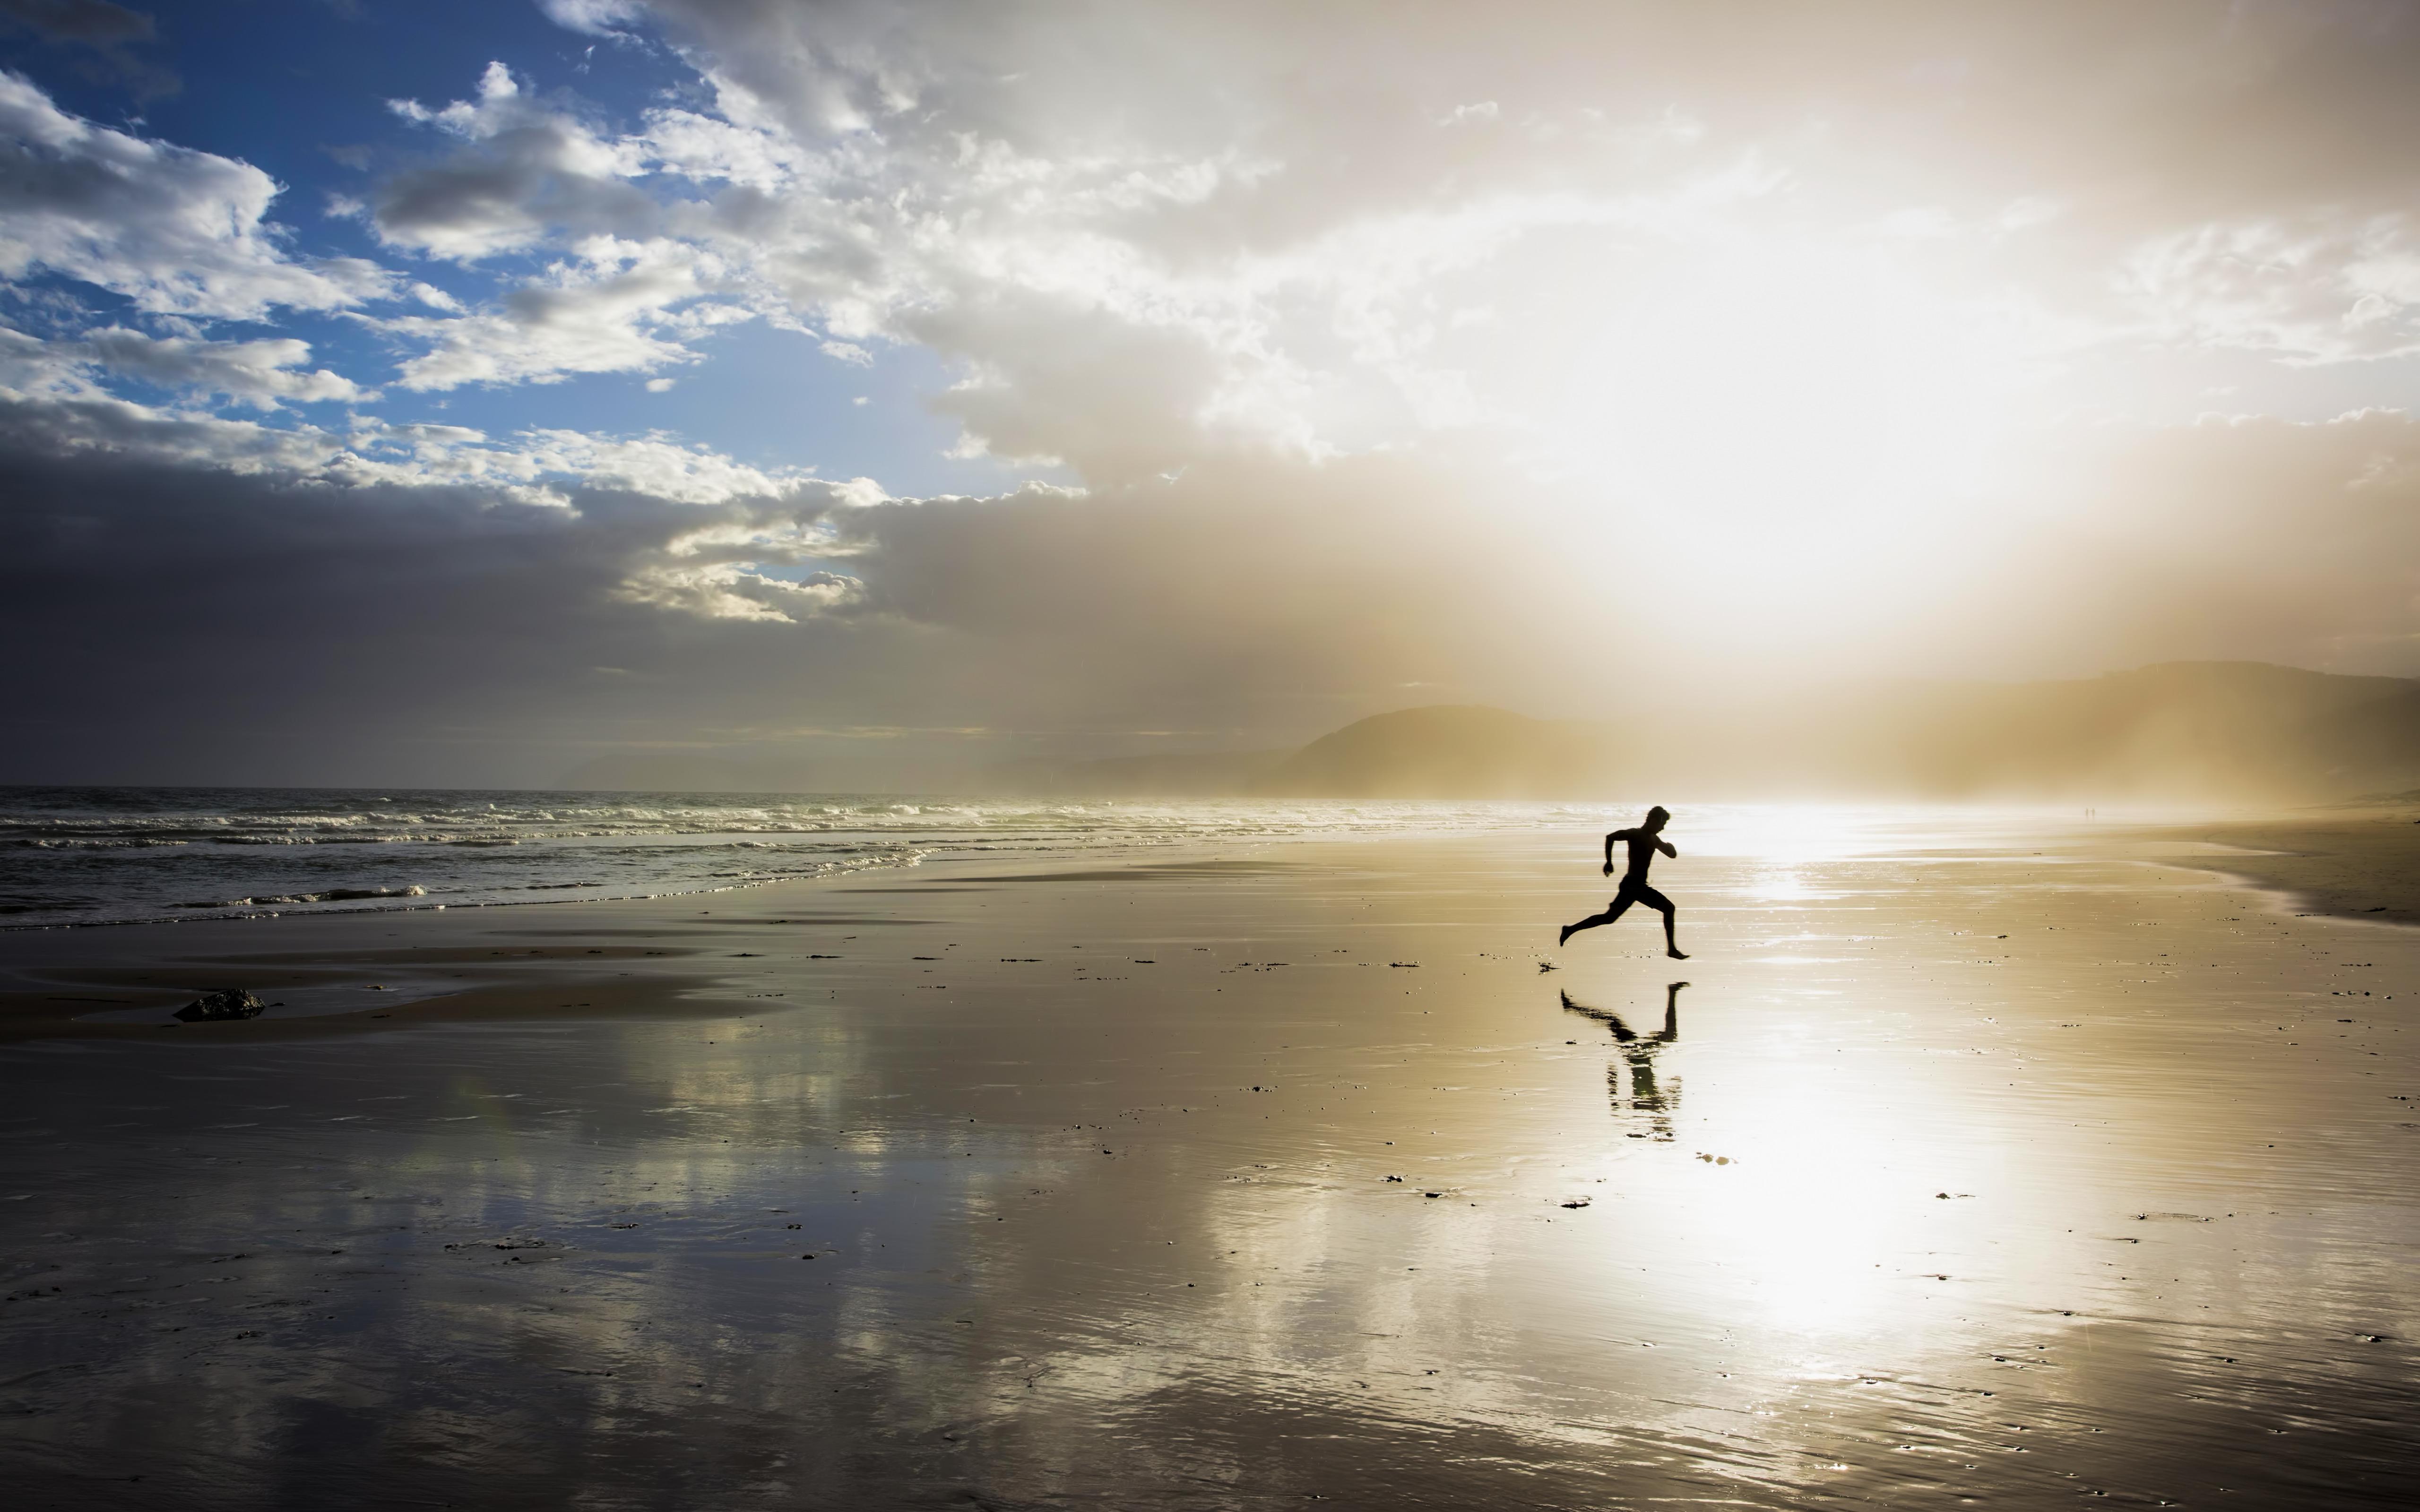 Beach Running Man Wallpaper 53833